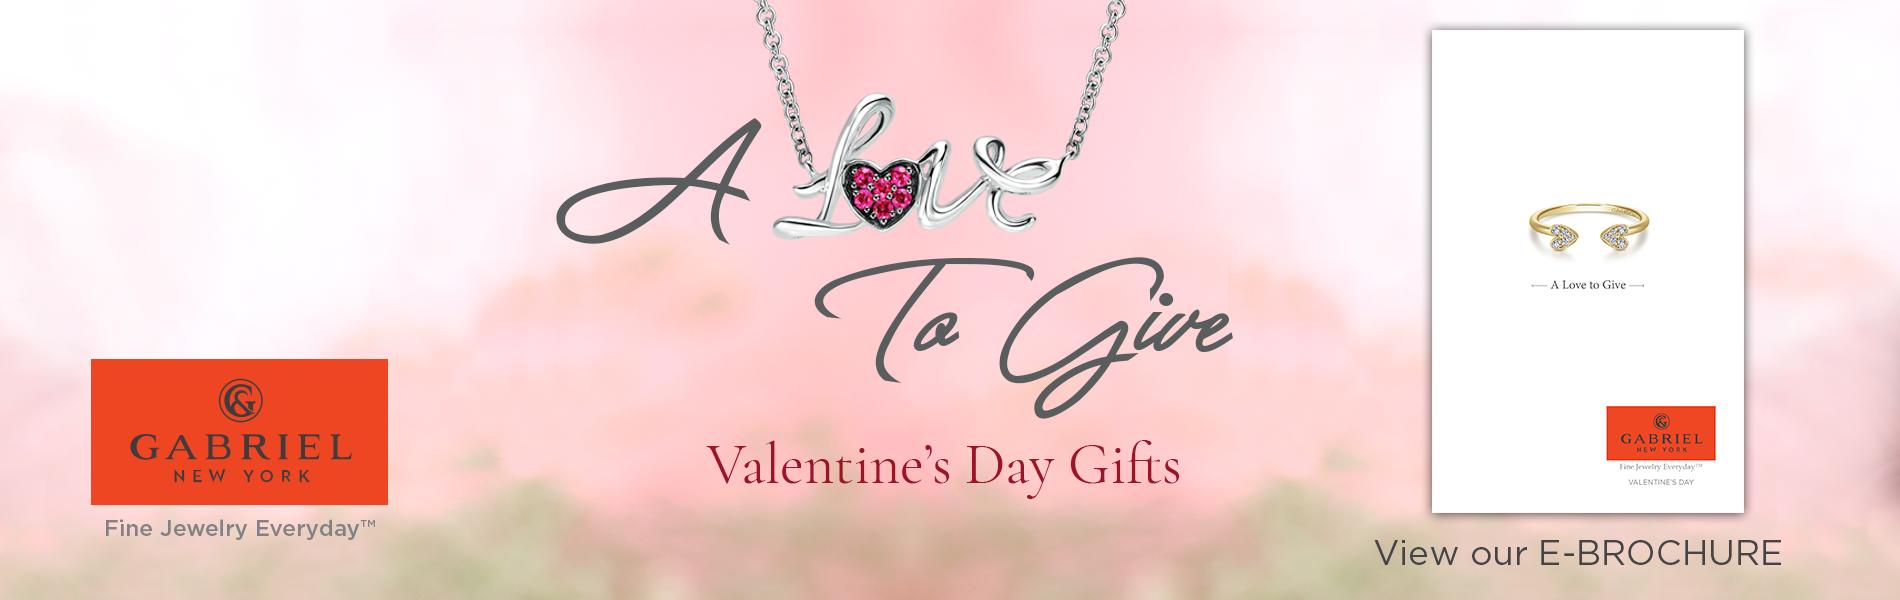 Valentine2018_WebBanner1900x600